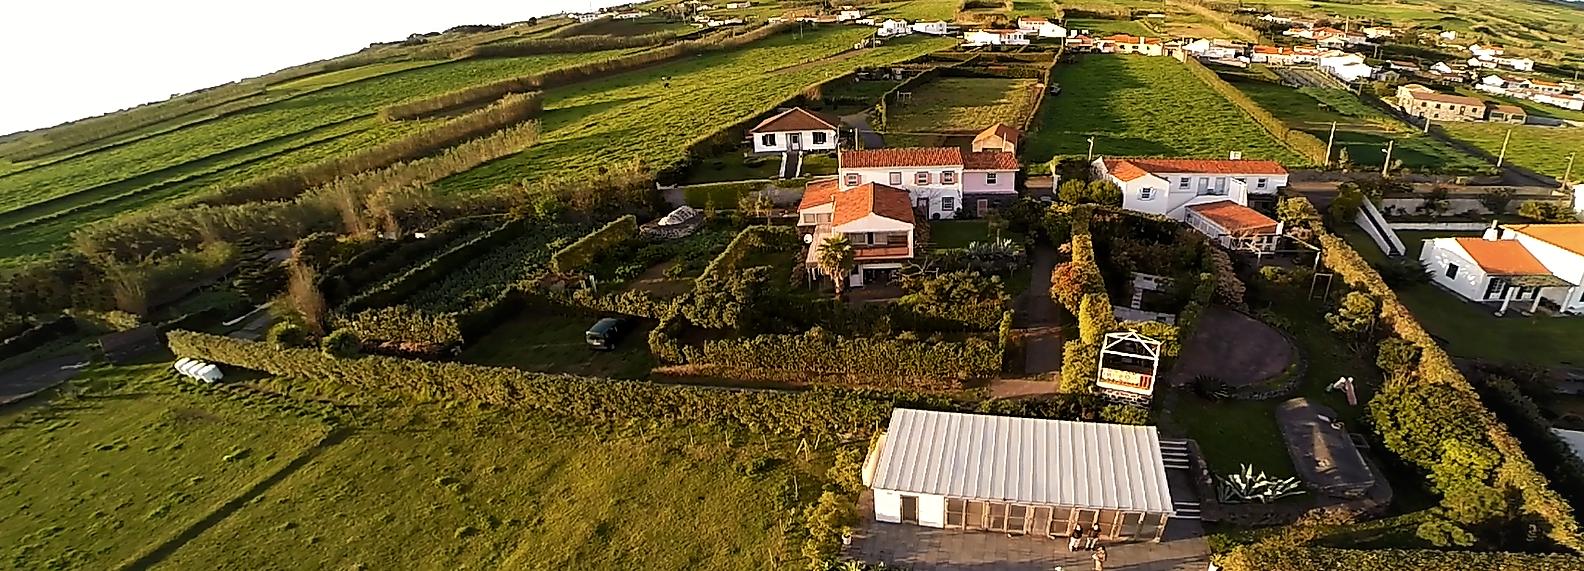 Quinta da Meia Eira - Vista Drone